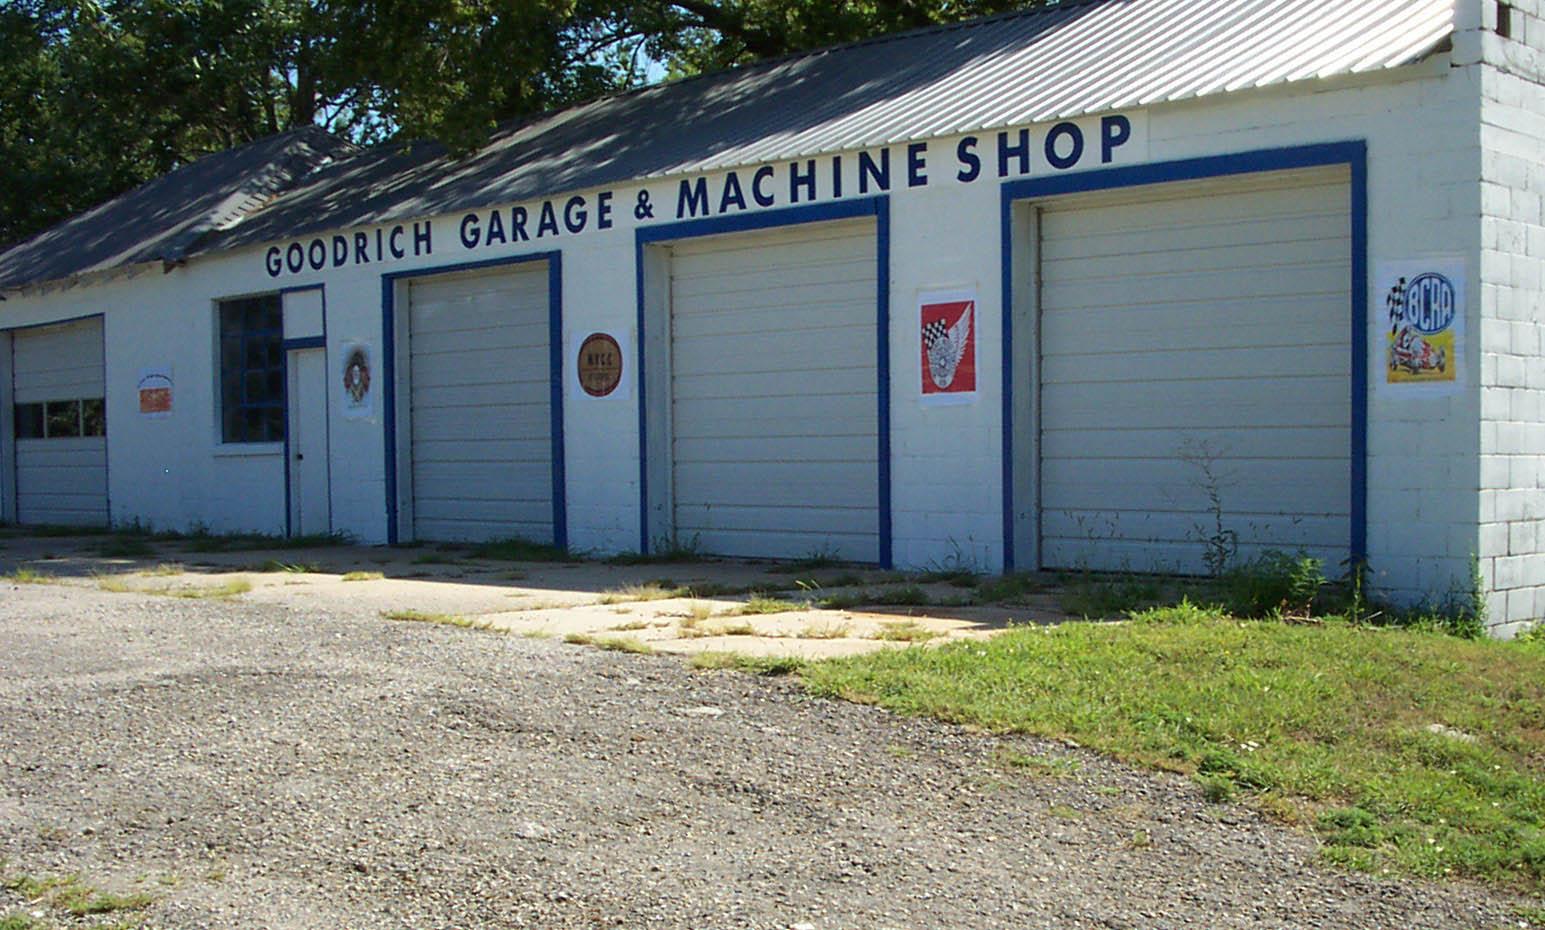 Goodrich Shop